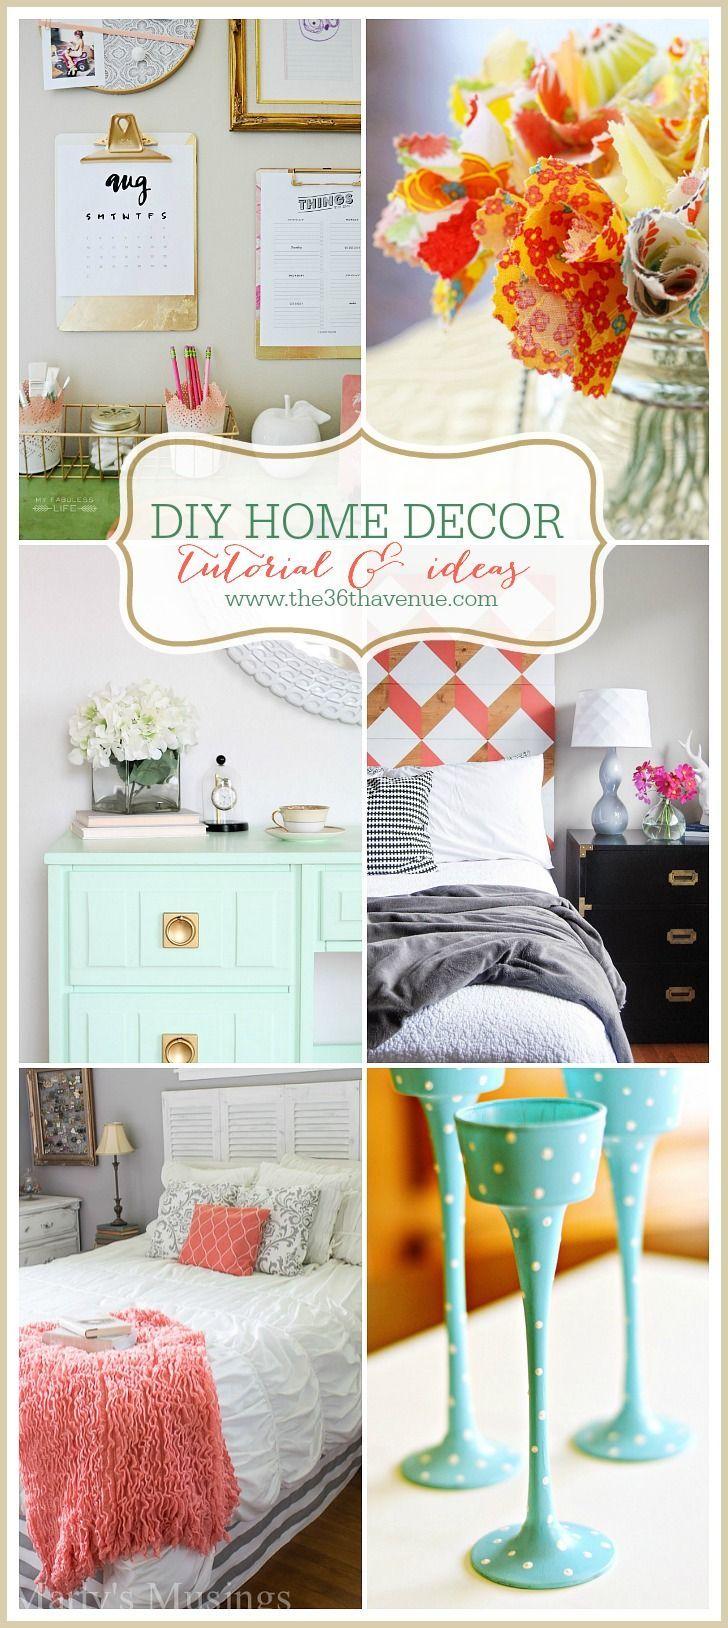 Home Decor Diy Projects Decor Tutorials Diy Home Decor Diy Decor Projects